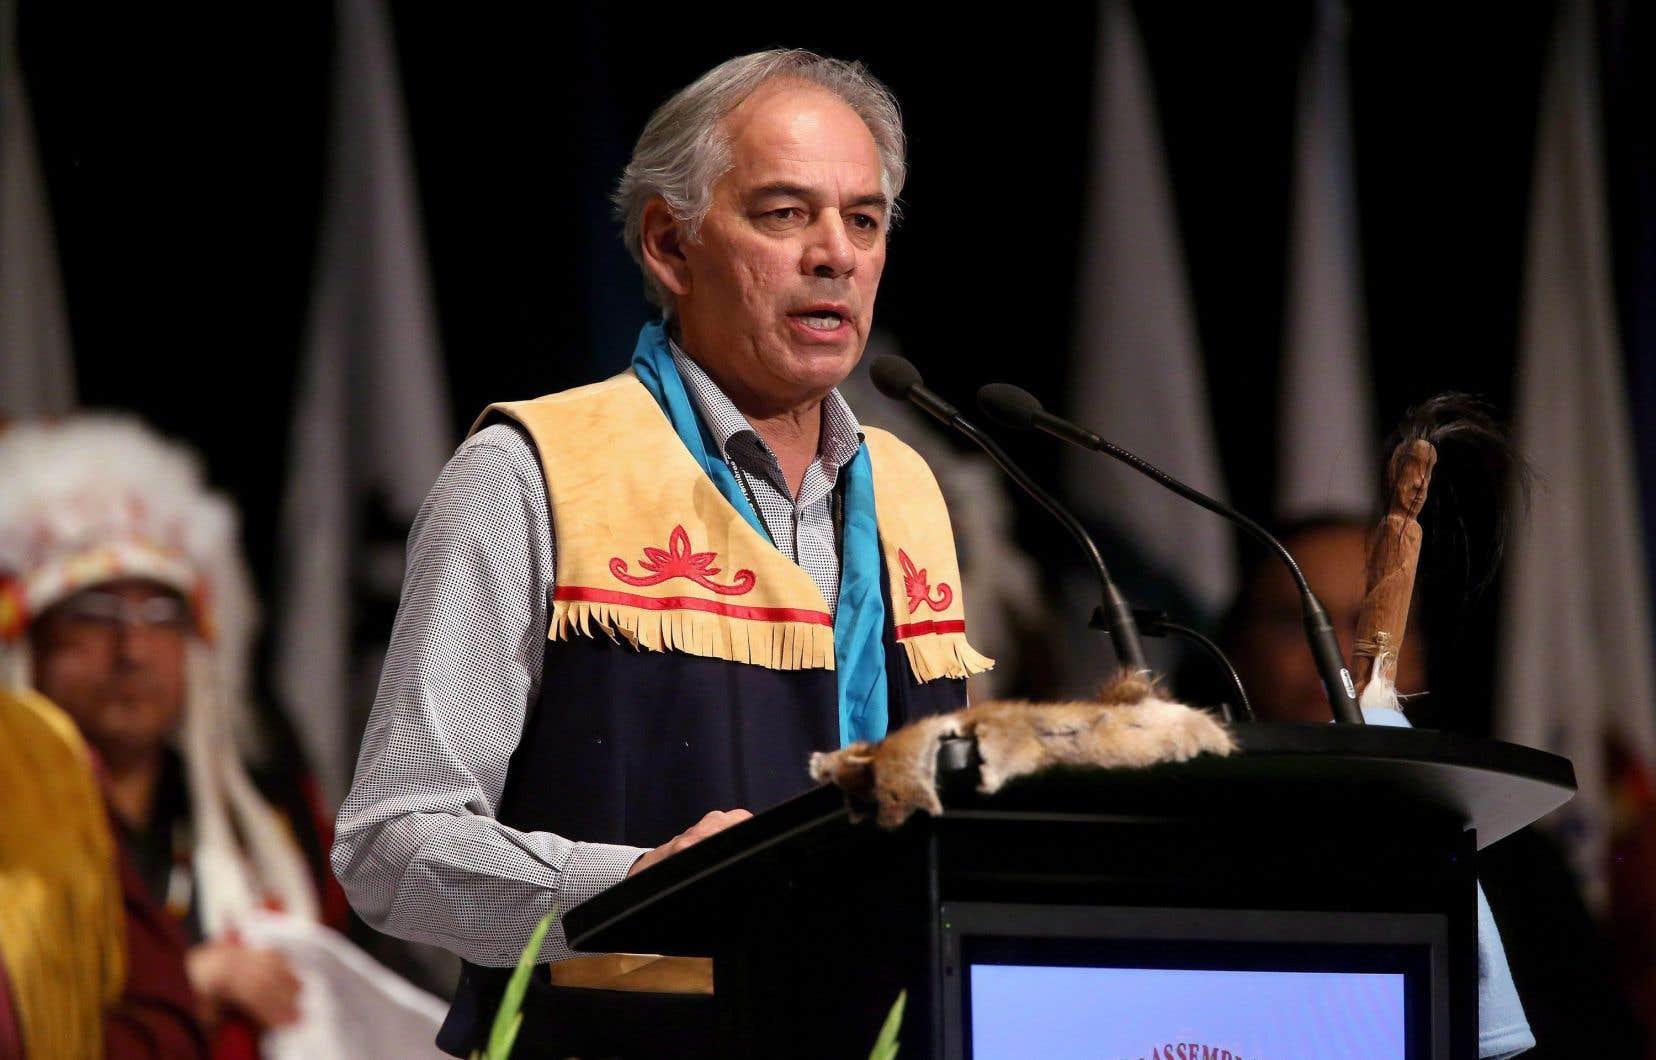 Les ministres québécois diront systématiquement, lorsque le forum et l'auditoire s'y prêtent, que la question autochtone a une place de choix dans les discussions au Conseil des ministres, souligne Ghislain Picard, chef de l'Assemblée des Premières Nations du Québec et Labrador.